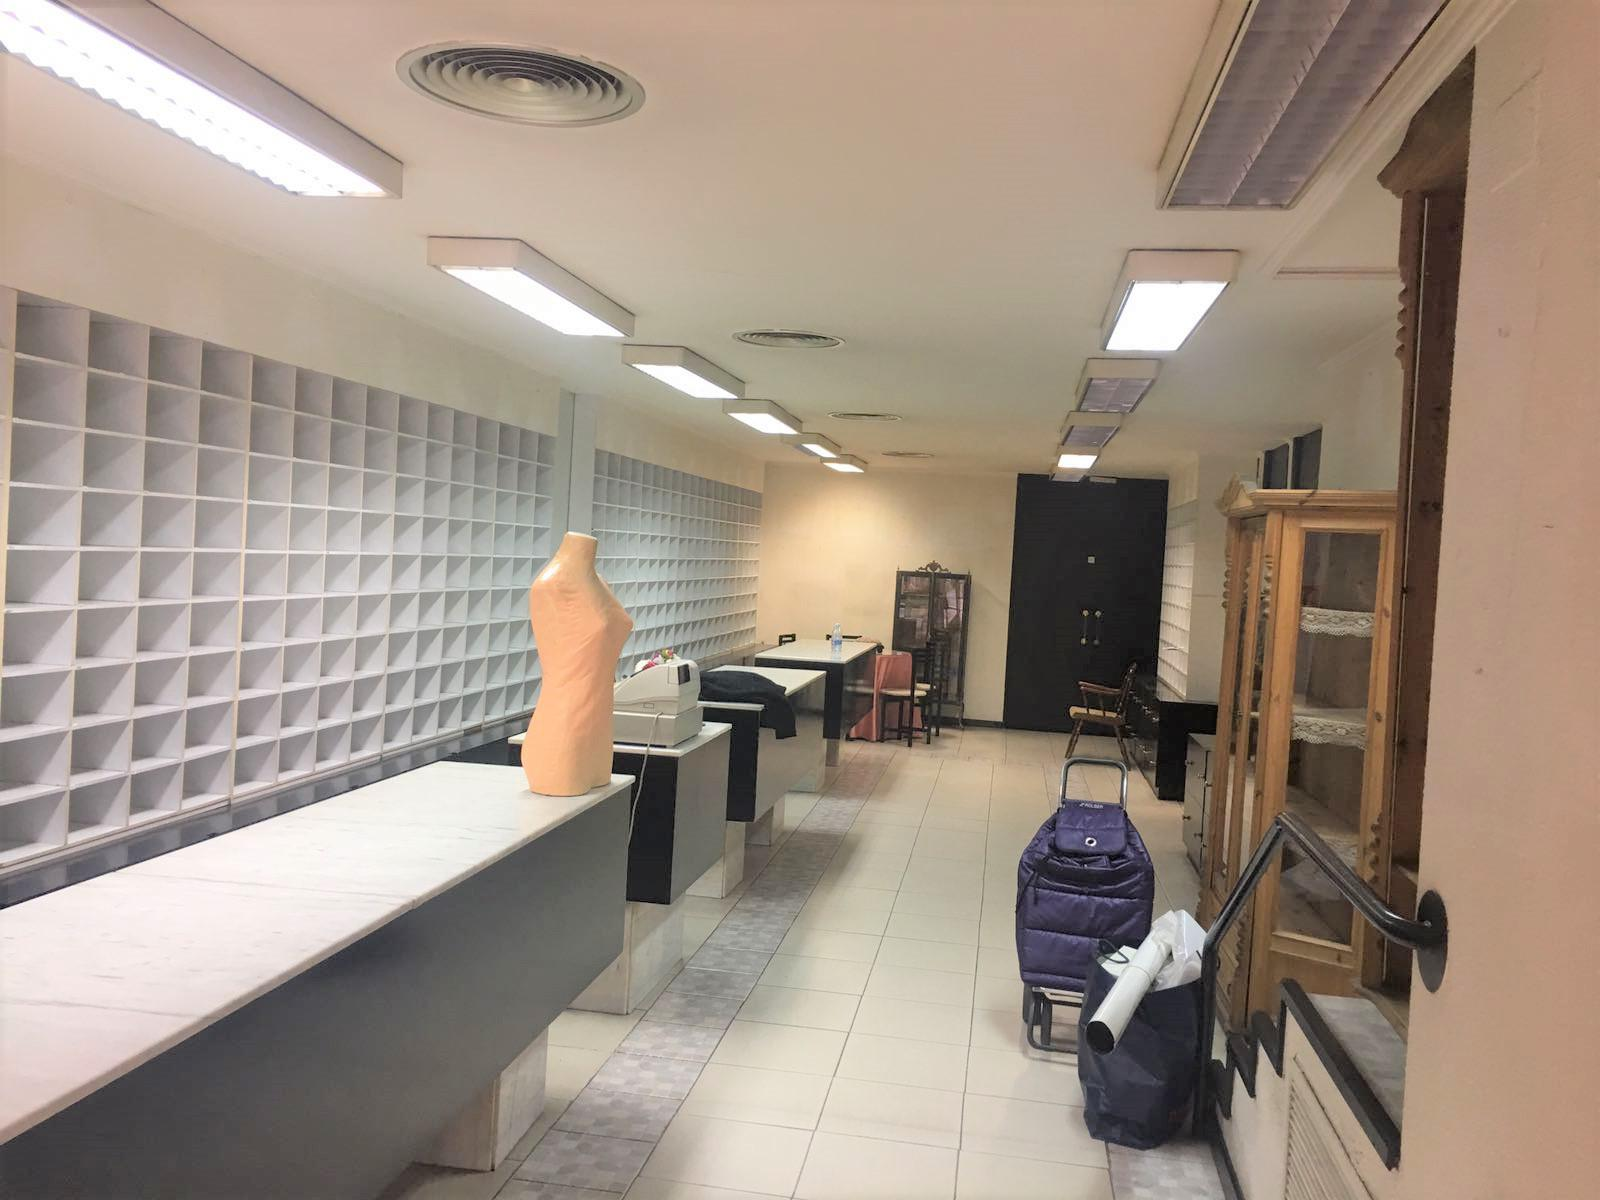 Imagen 1 Local Comercial en alquiler en Zaragoza / Junto a la zona de la universidad